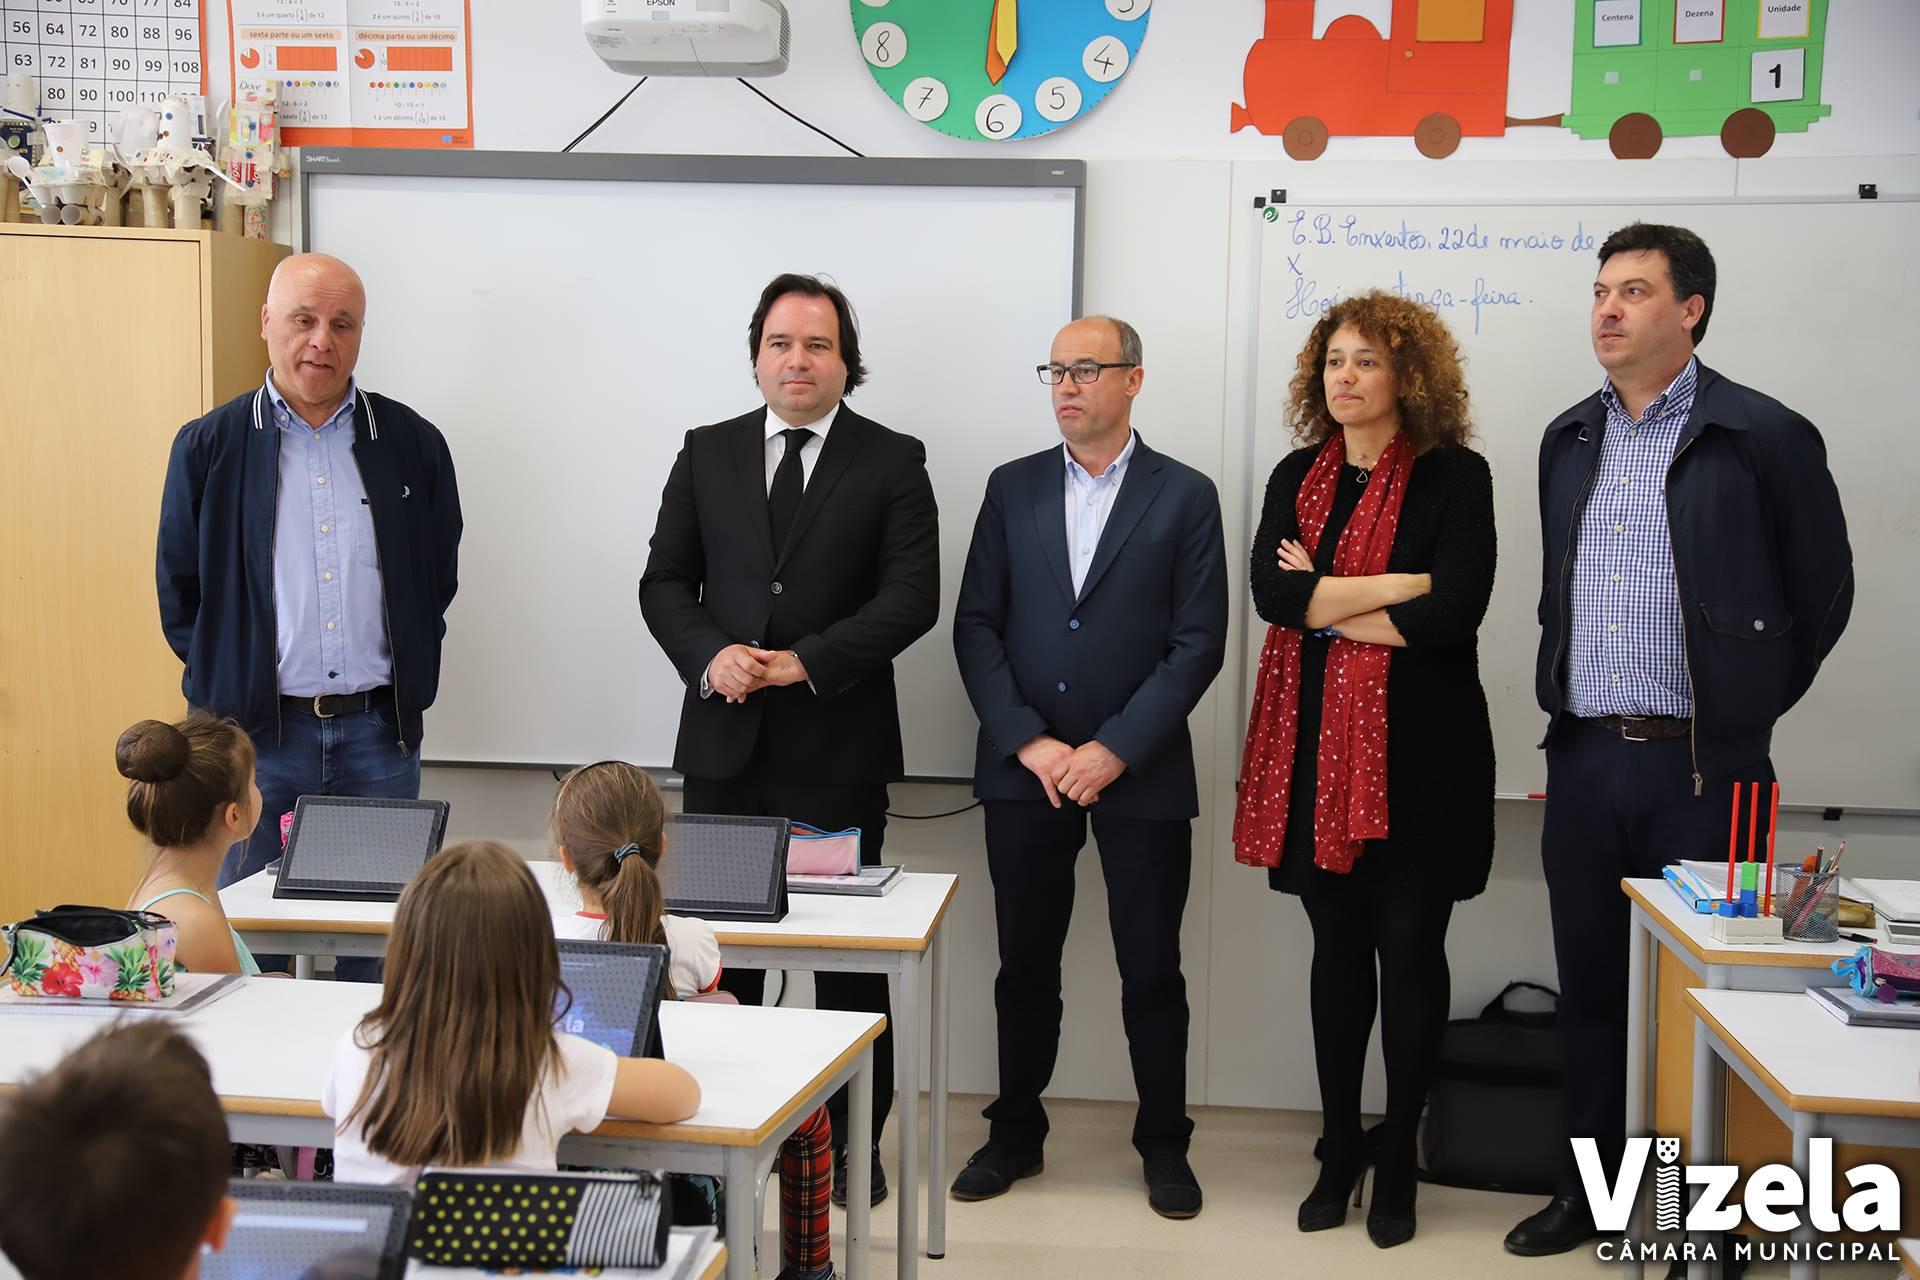 Executivo entrega tablets nas escolas básicas do Concelho